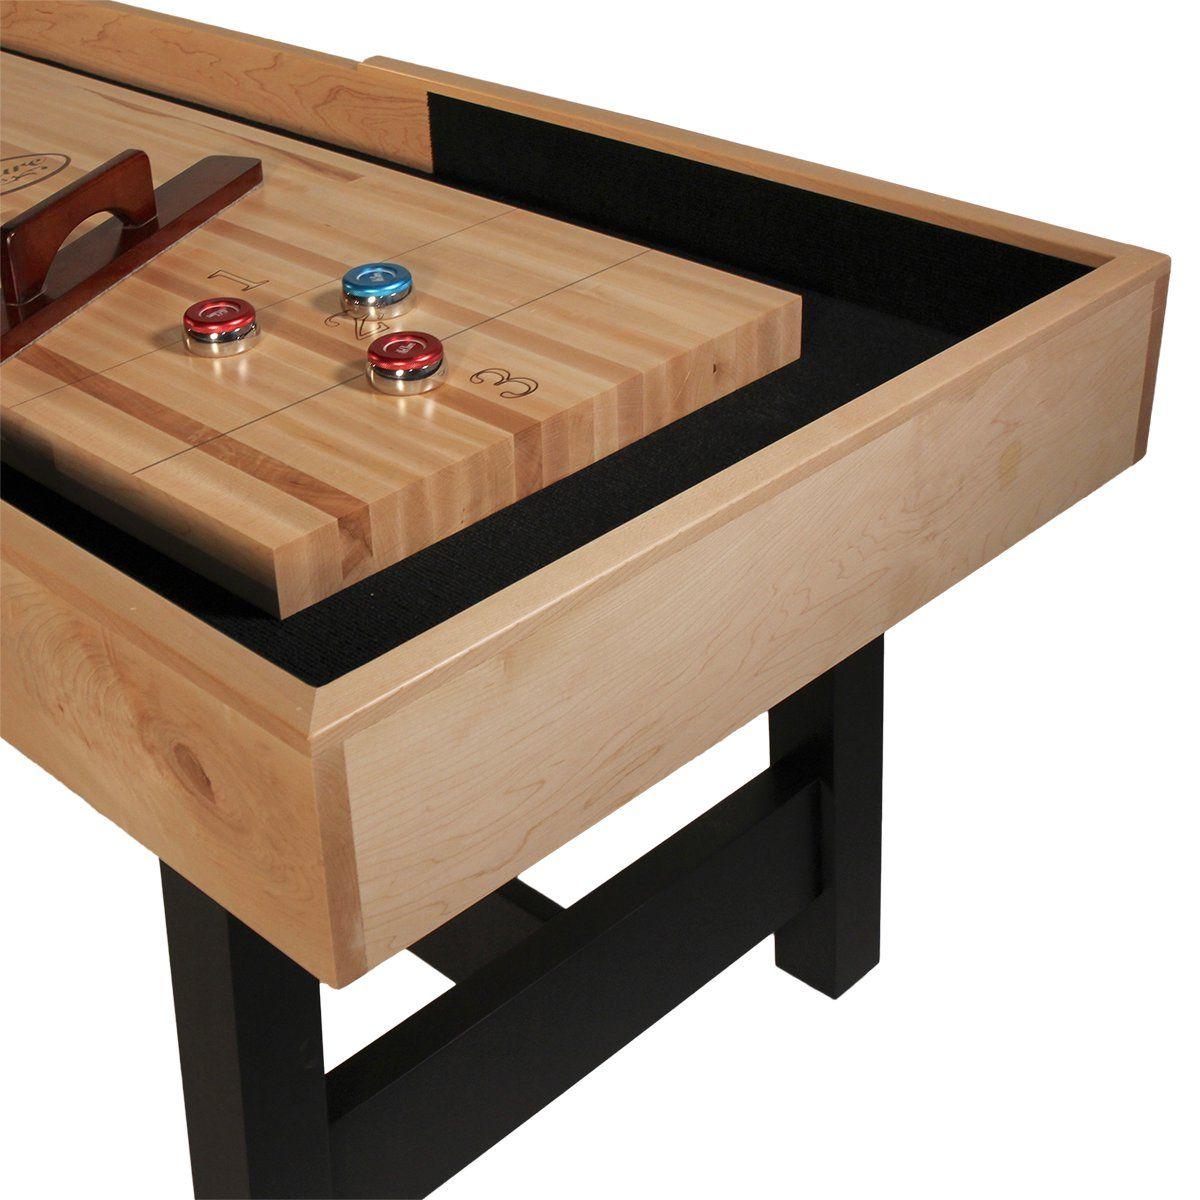 9 Foot Contempo Shuffleboard Table Shuffleboard table